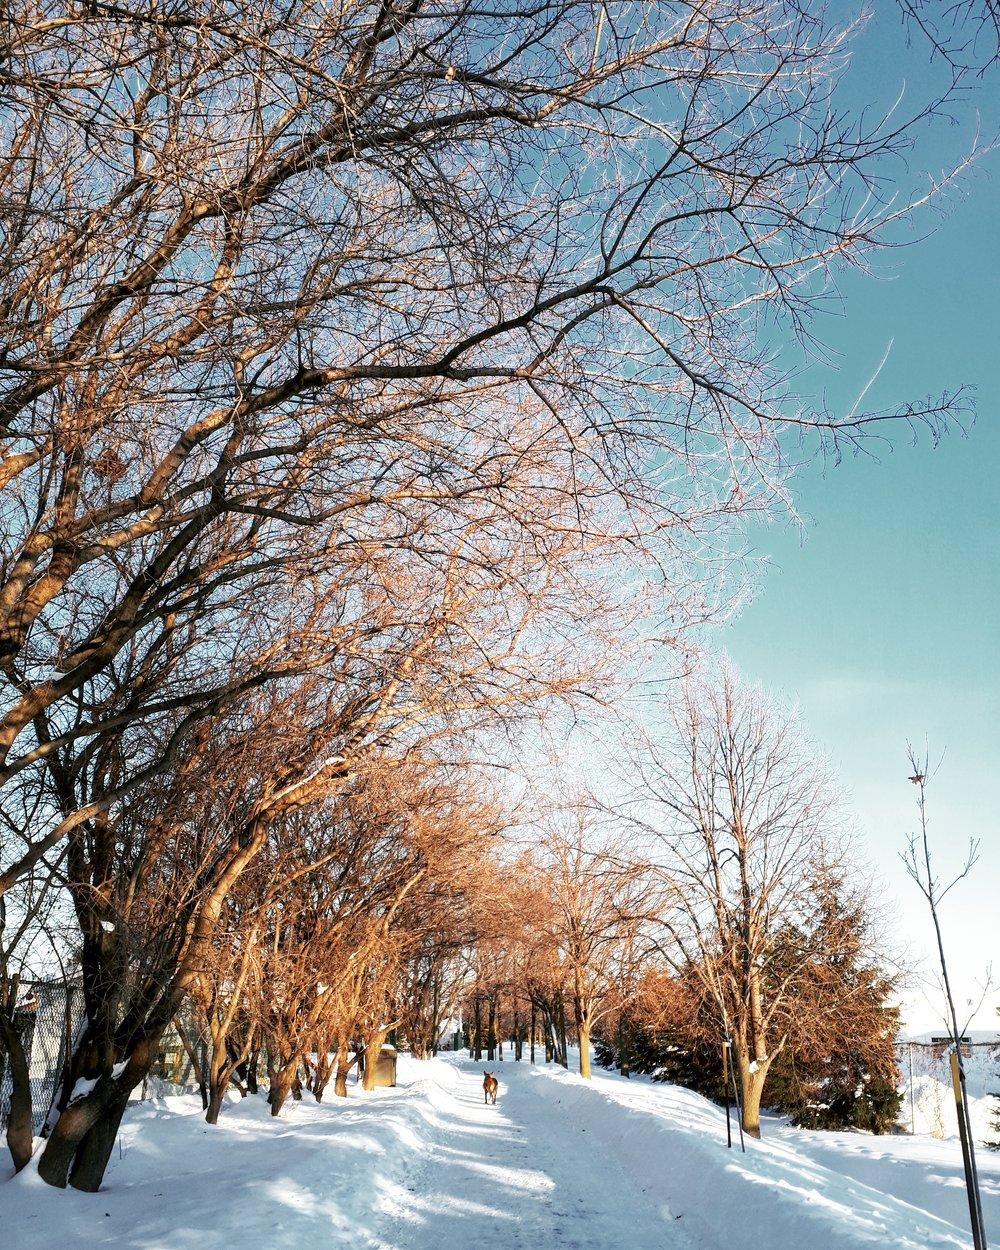 15 février Réseau Cyclo-Pédestre du parc Armand-Frappier (Ste-Julie) 2.jpg